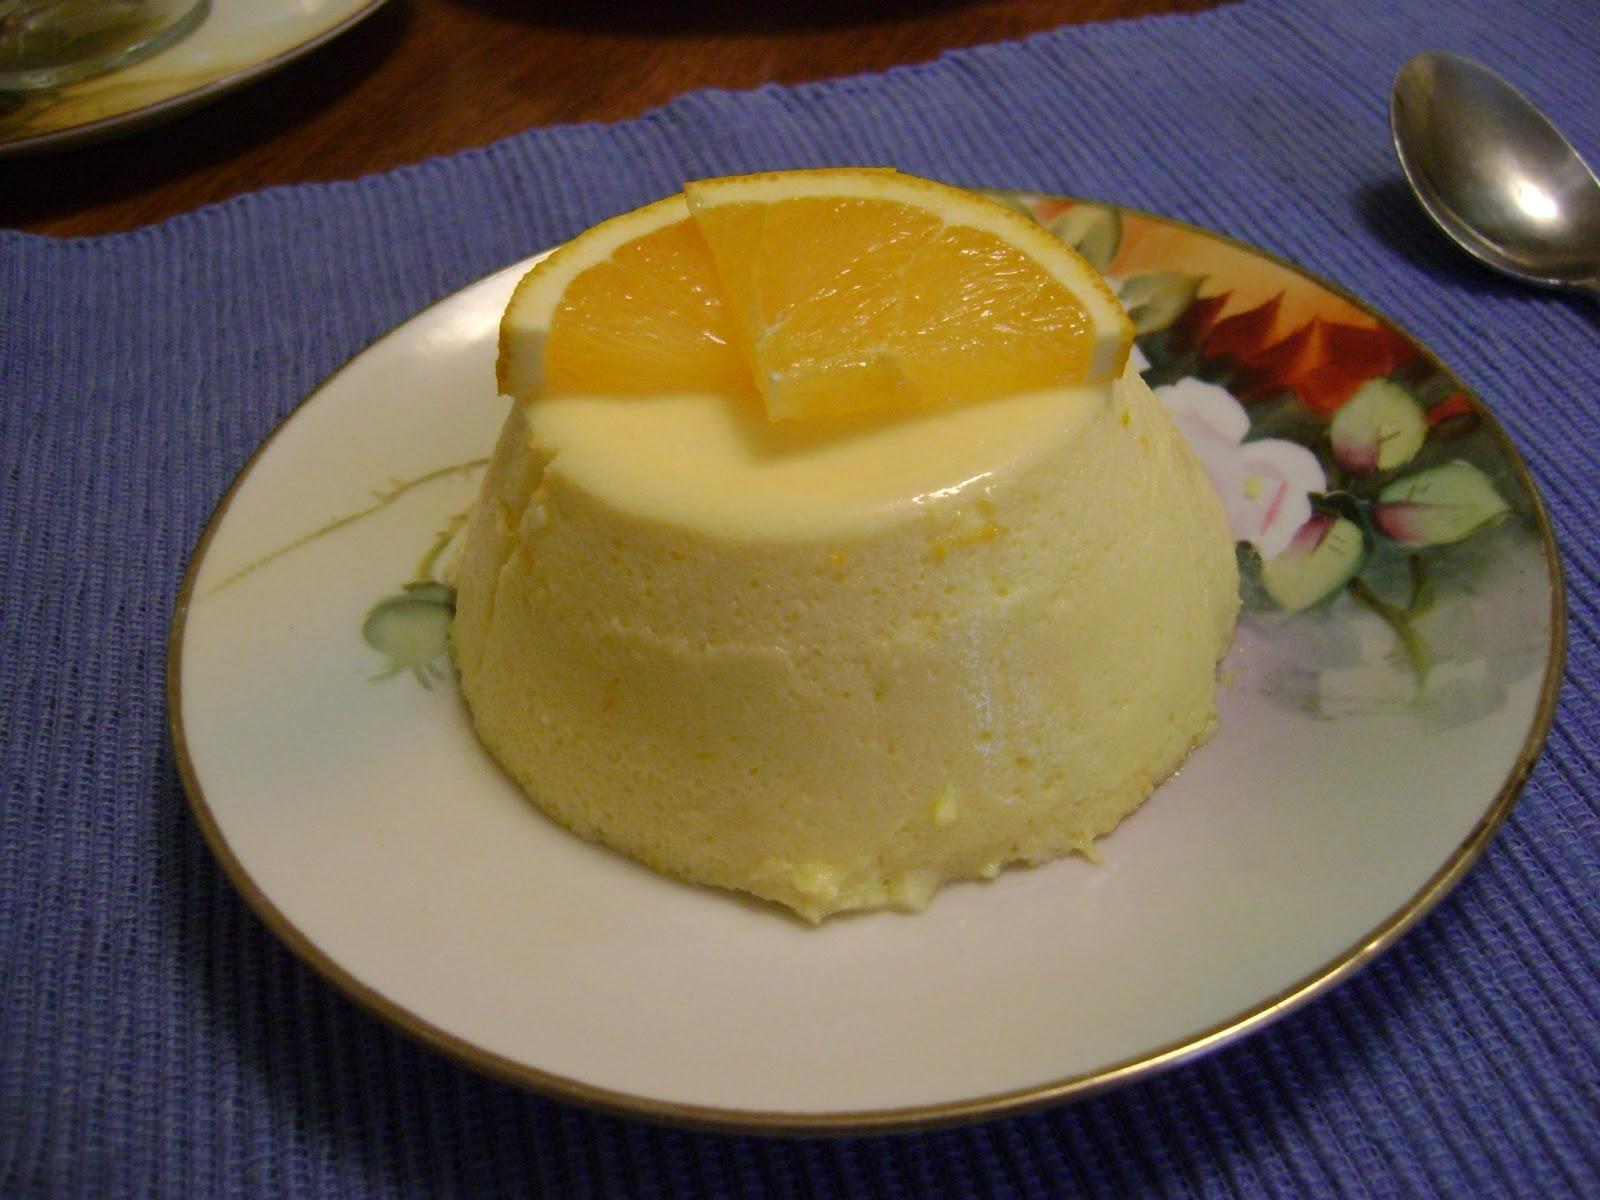 custard vs bavarian cream